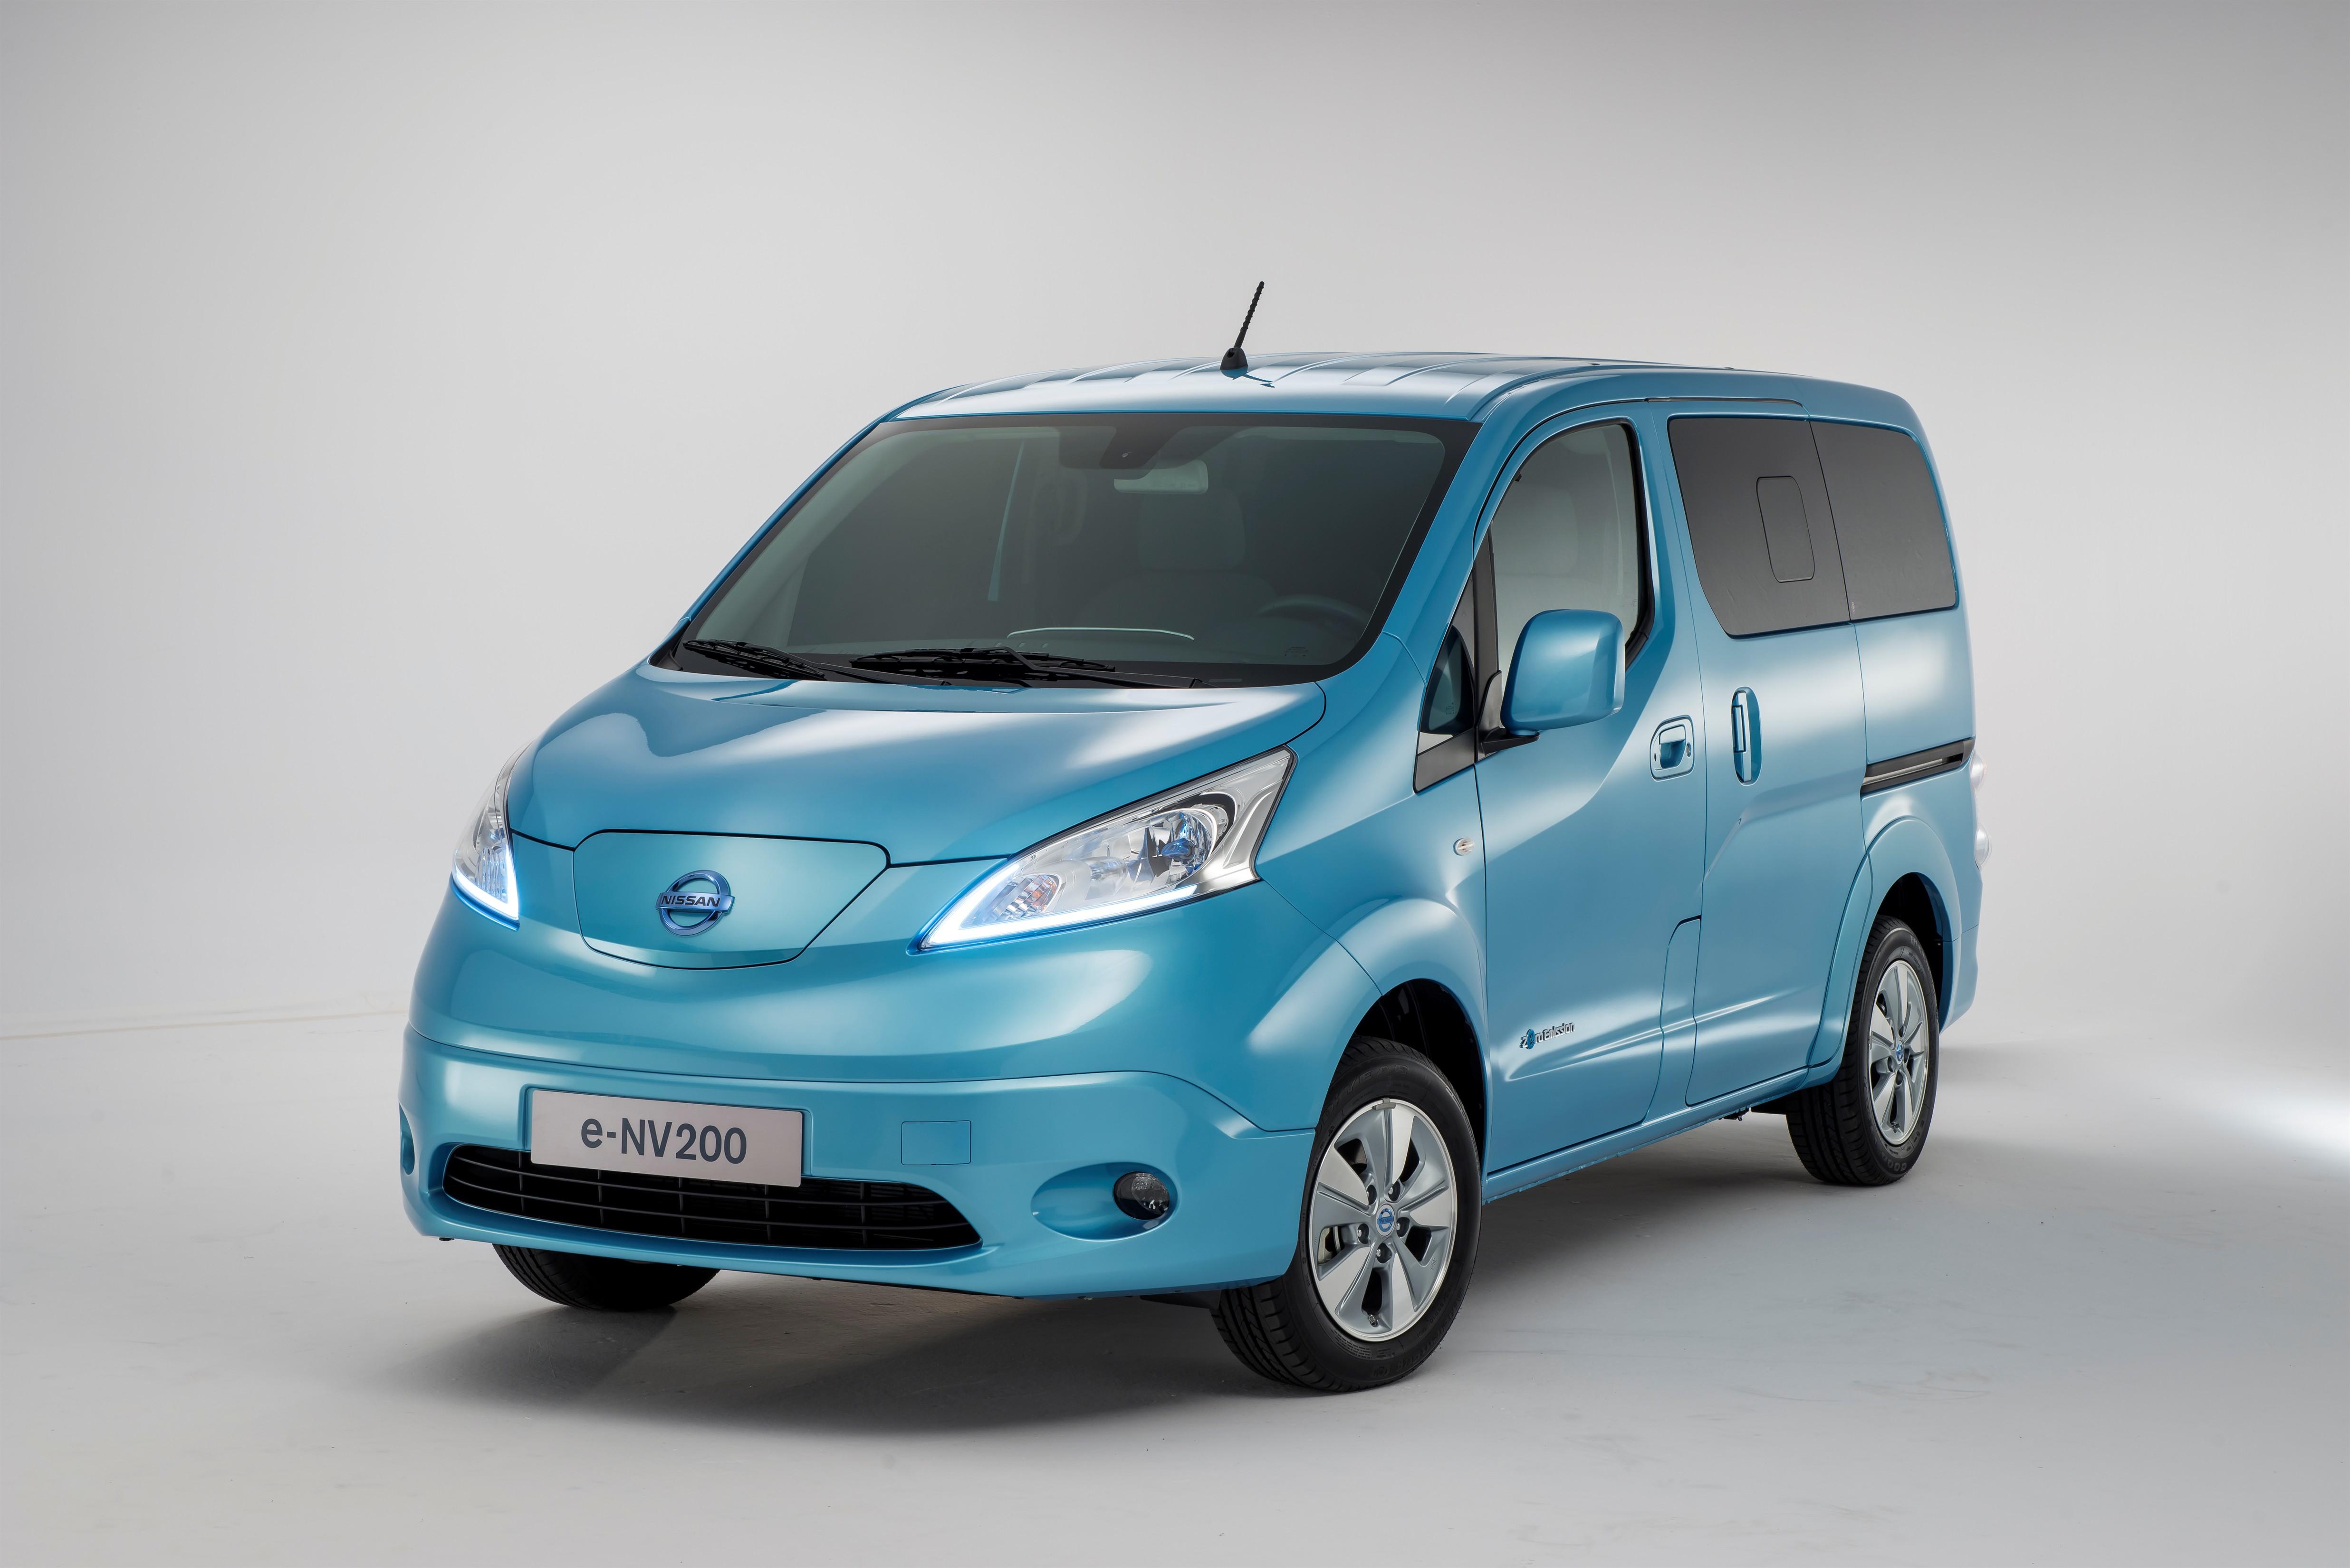 Nissan e-NV200: via alla produzione a Barcellona